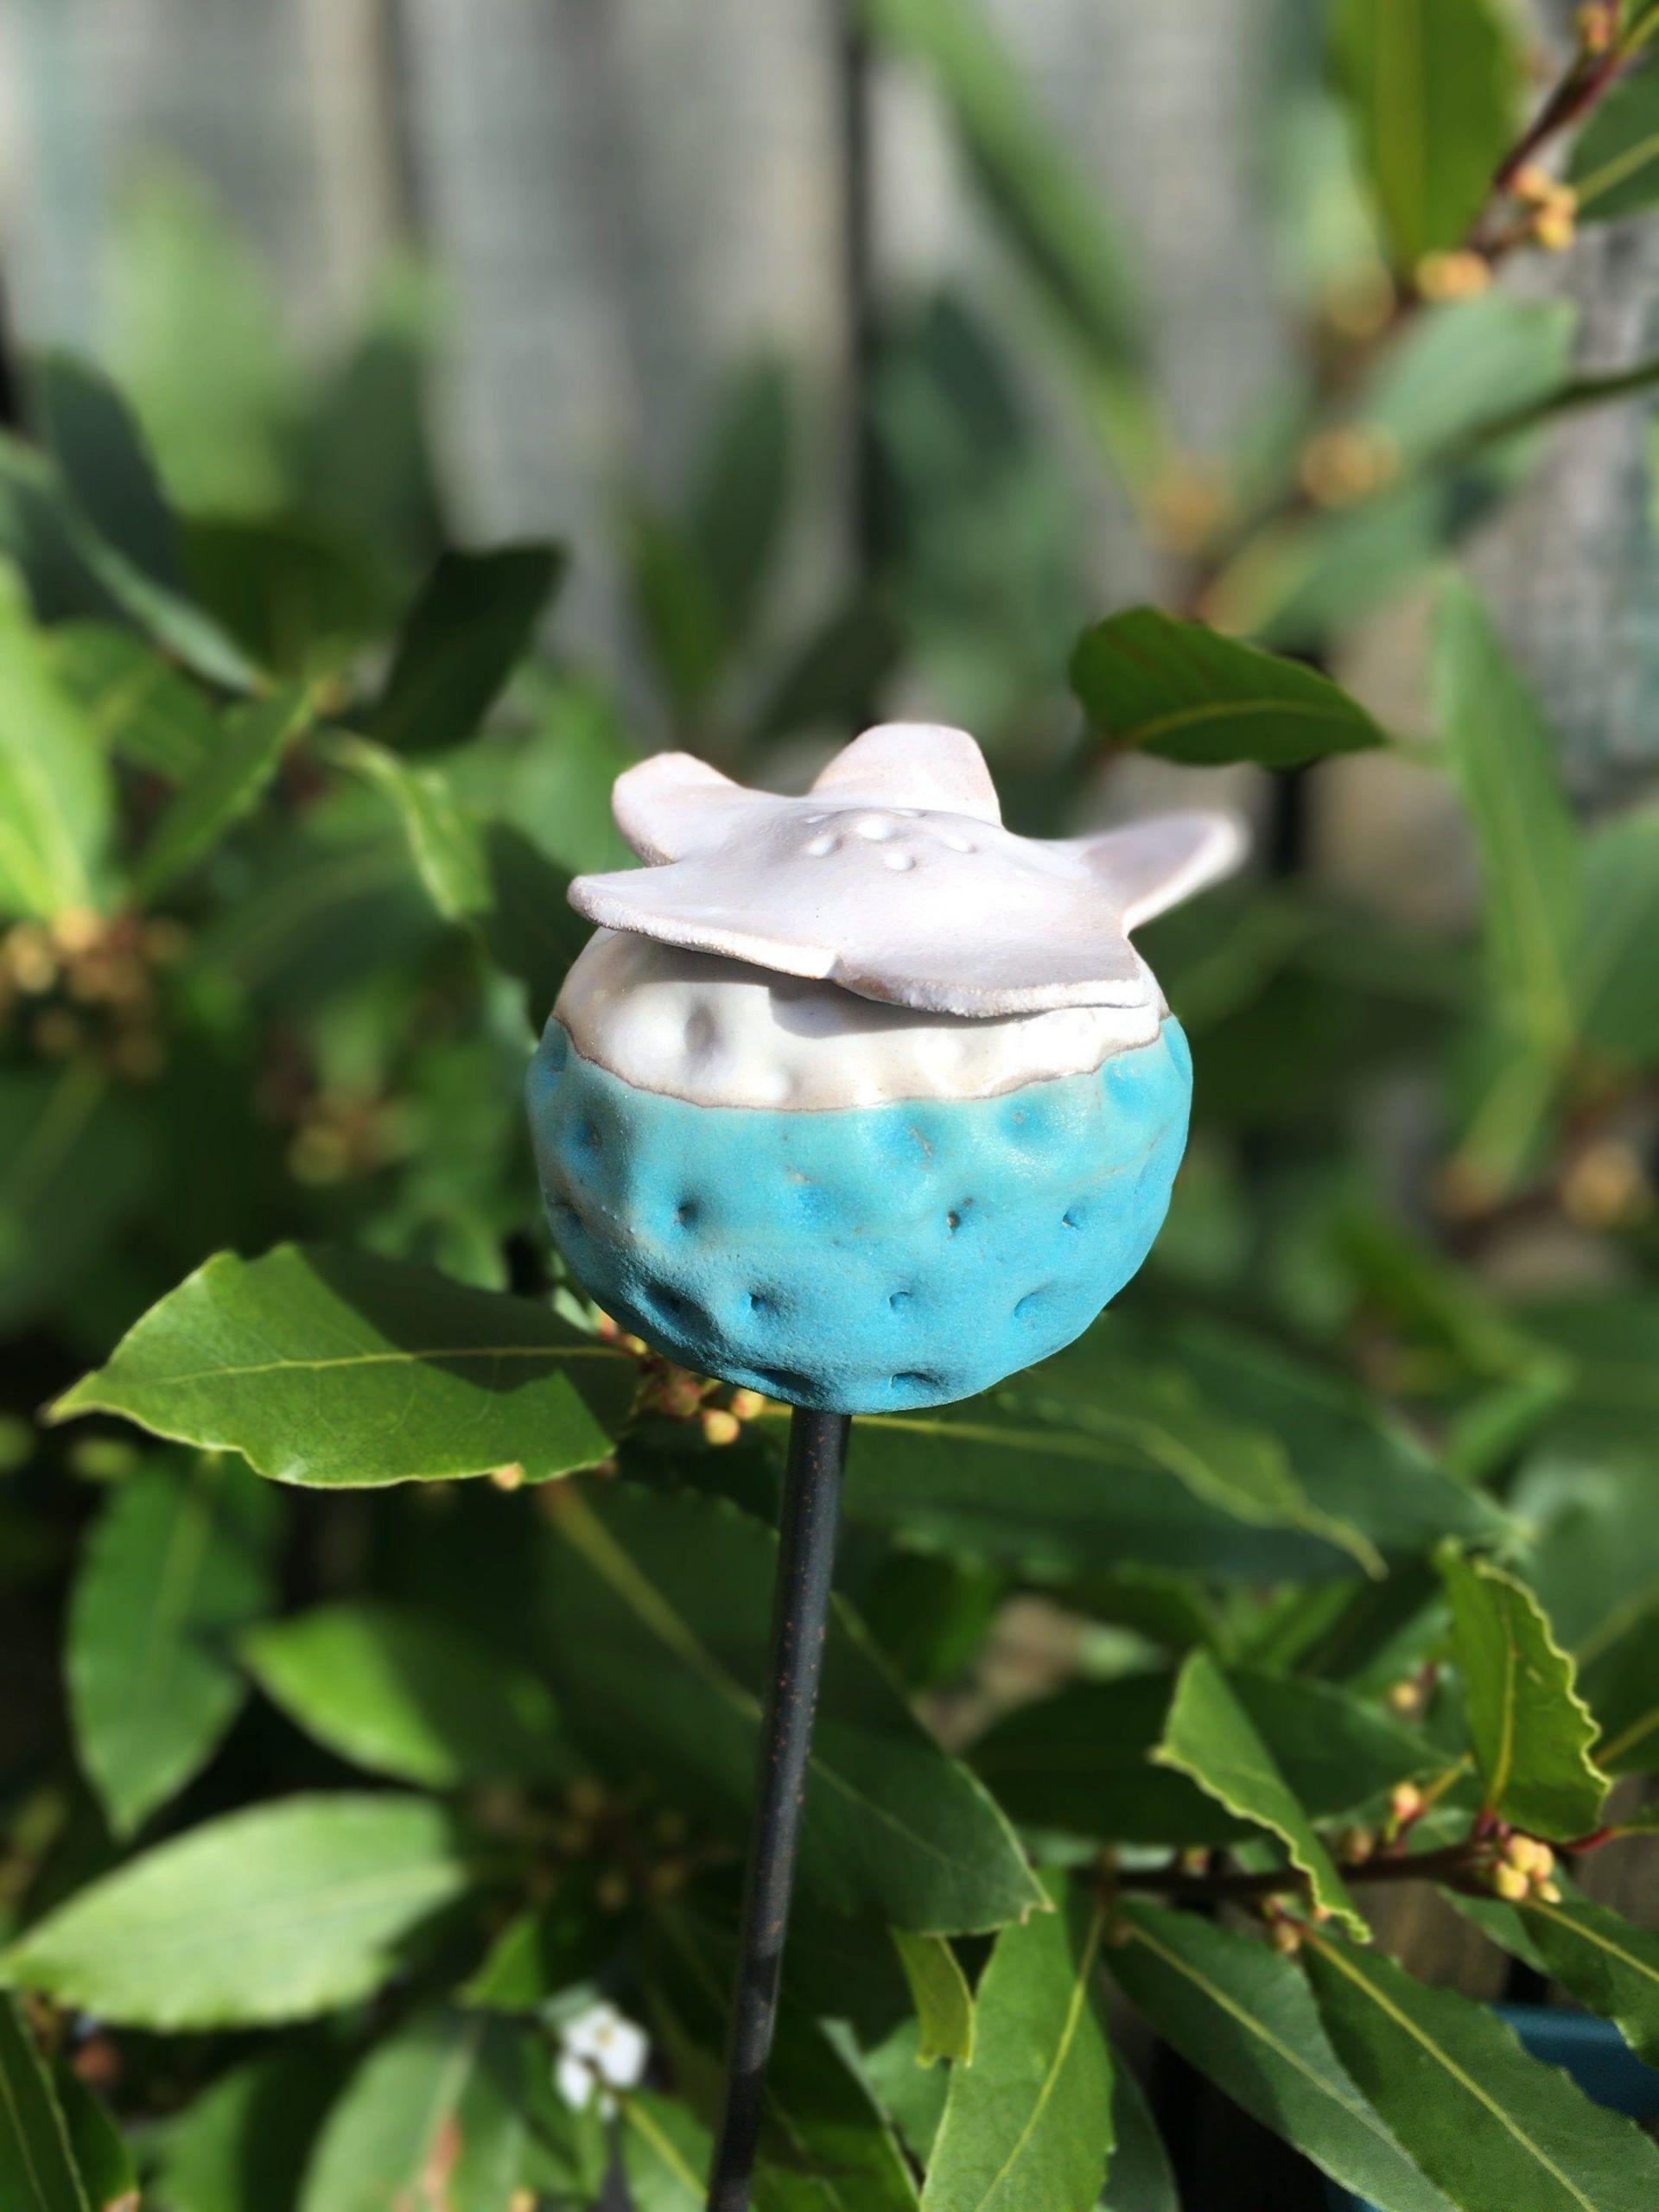 Ceramic Pod garden stake, poppy seed, Ceramic garden sculpture, plant support, h...#ceramic #garden #plant #pod #poppy #sculpture #seed #stake #support #garden sculpture ceramic